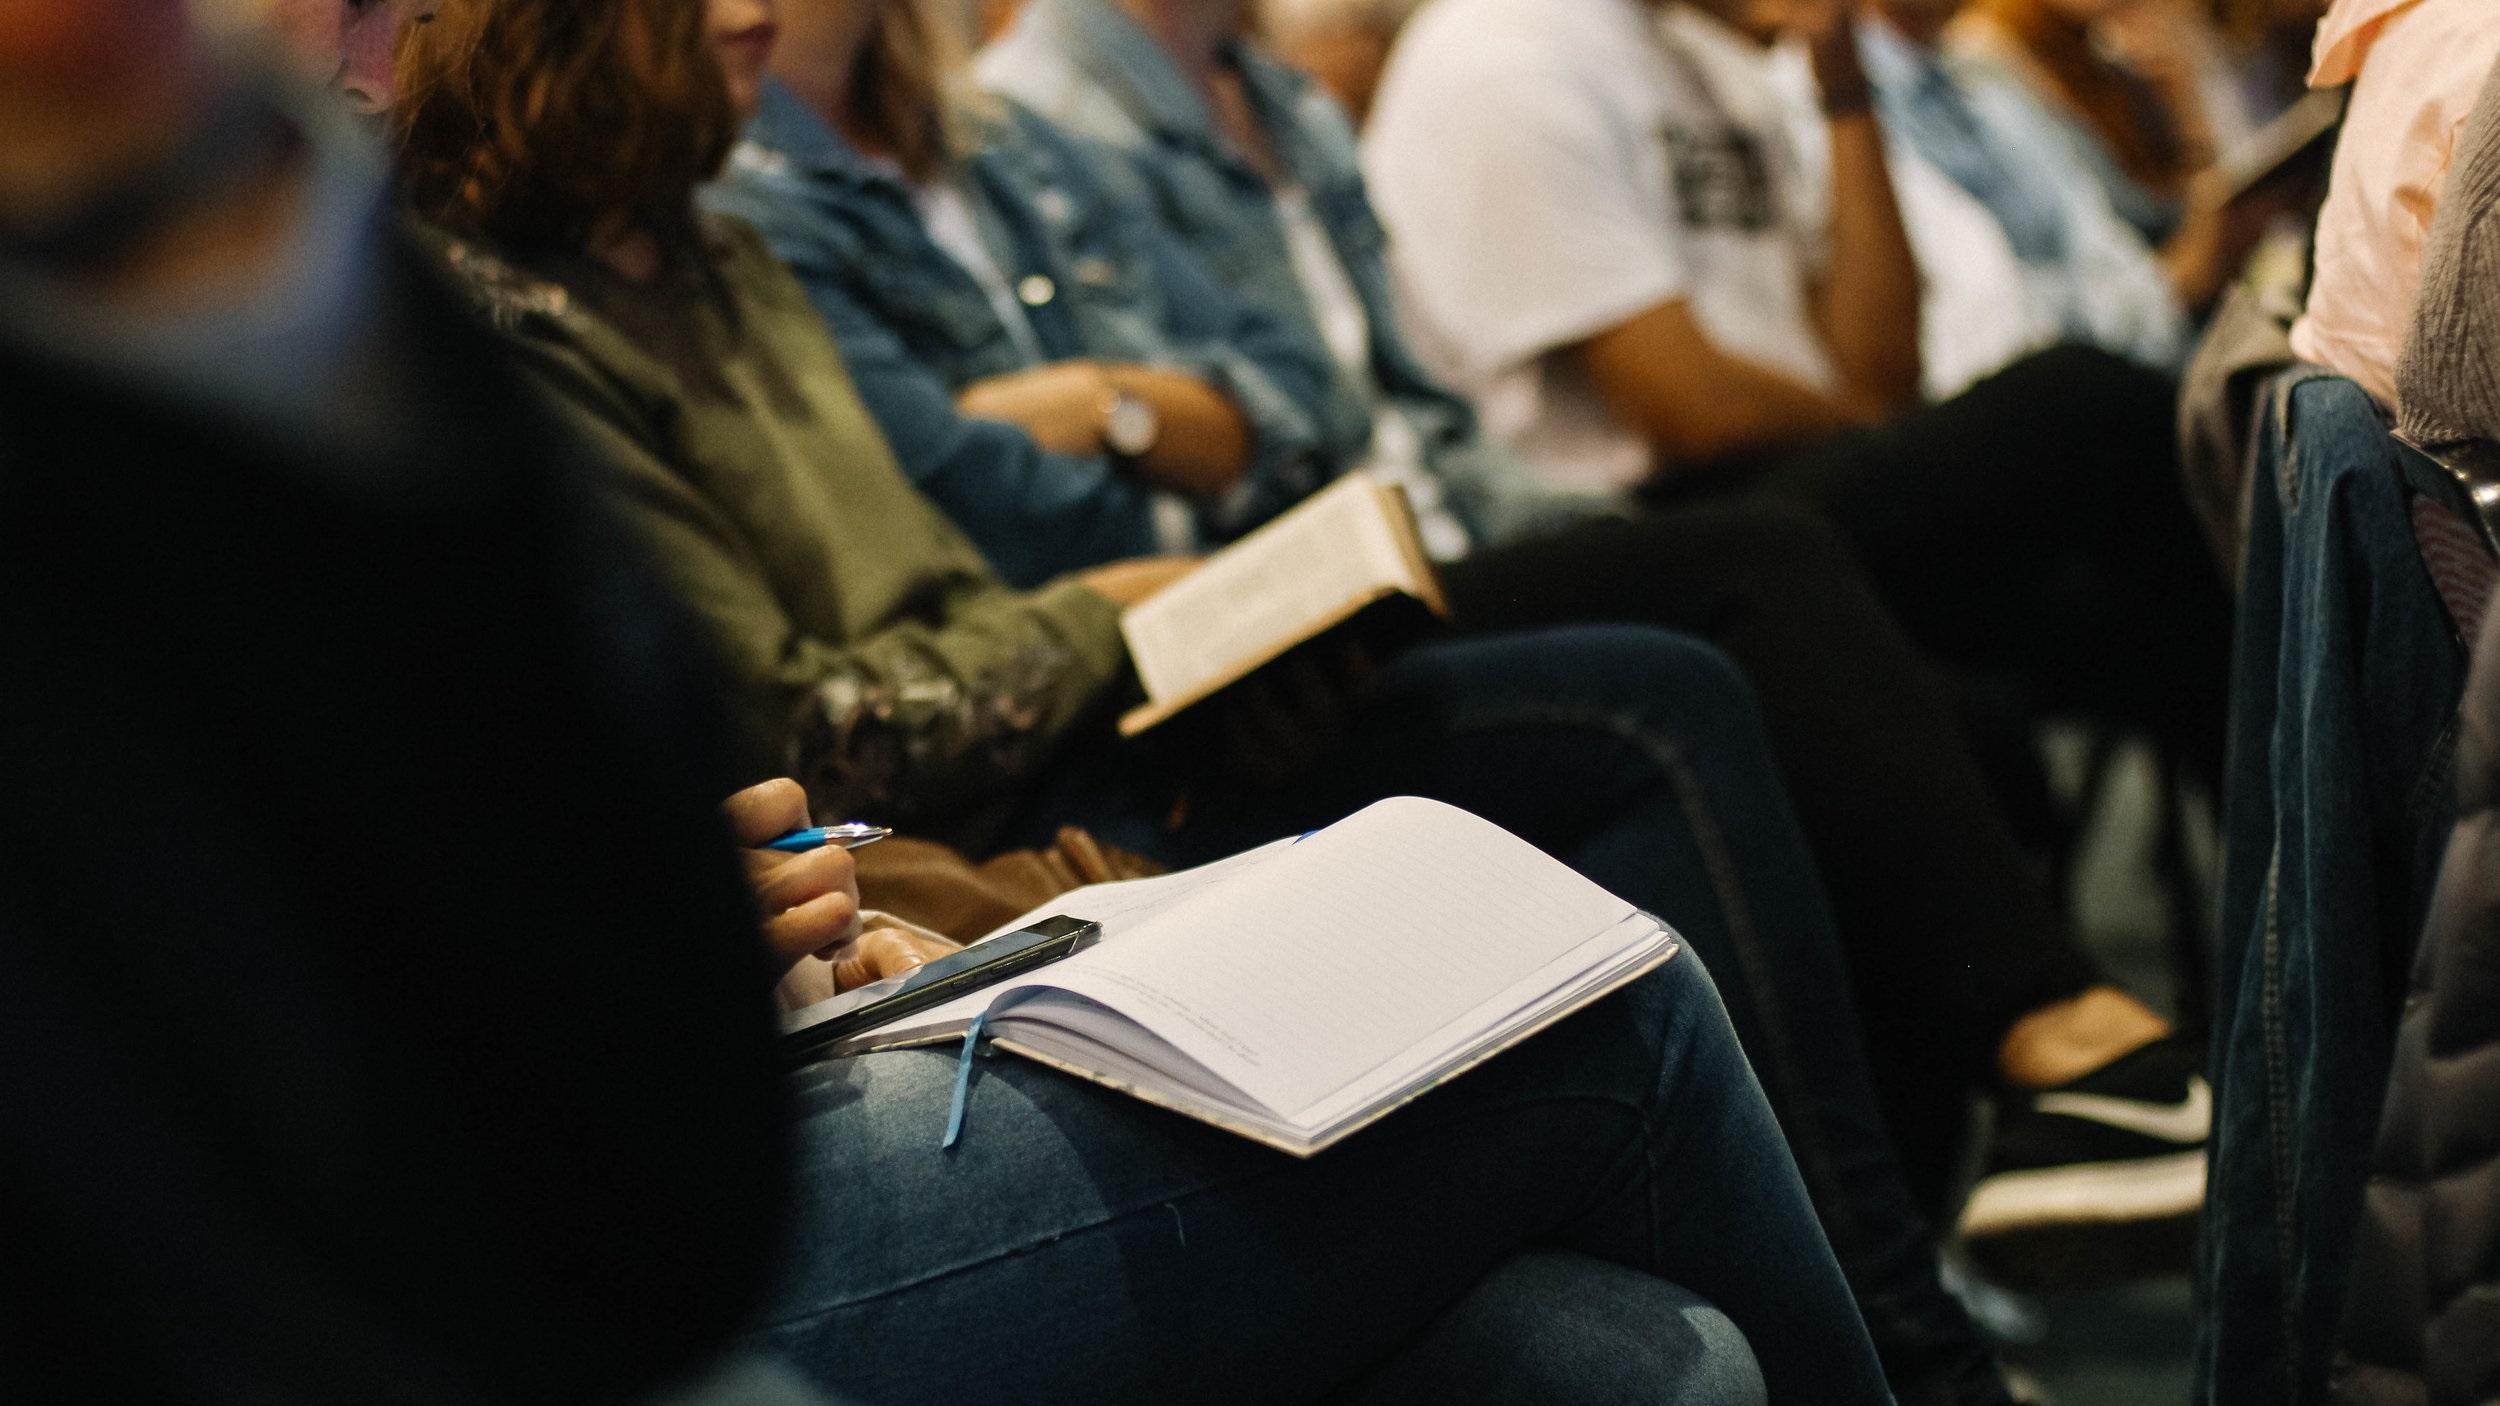 Listening to the sermon at Nechako Community Church in Vanderhoof, BC